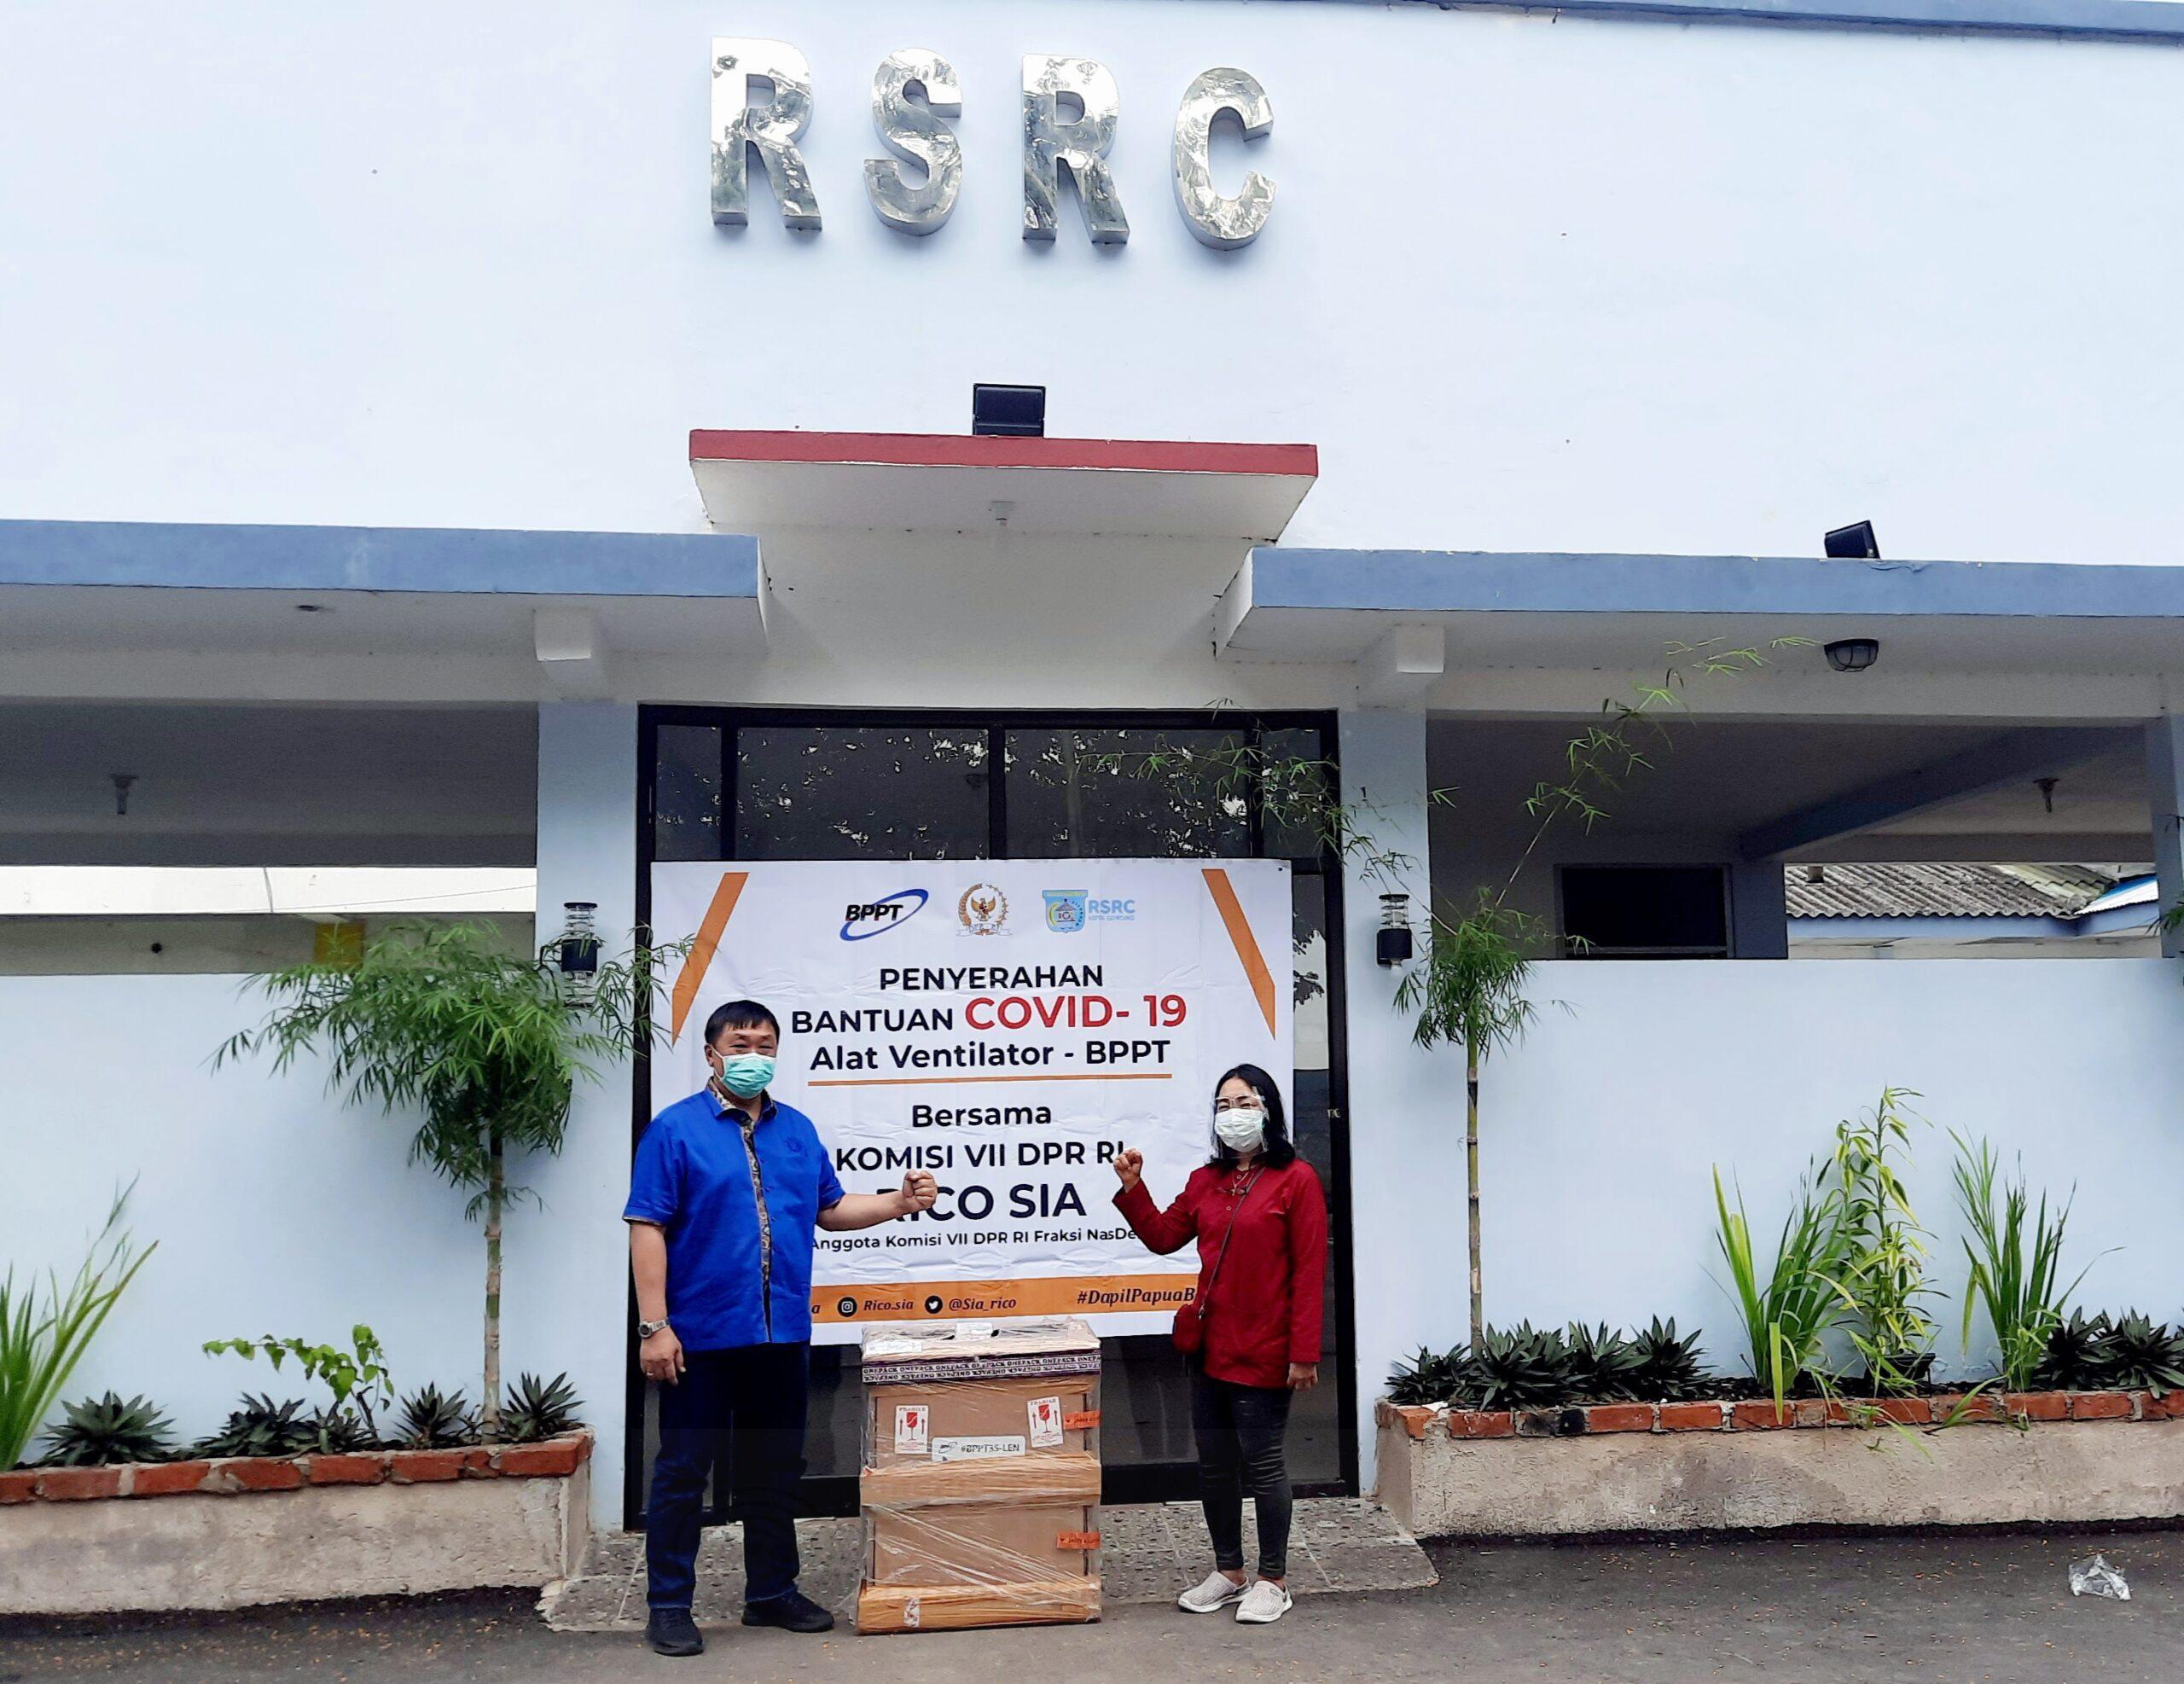 Bersinergi Bersama BPPT, Rico Sia Serahkan Ventilator di RSRC Kota Sorong 1 20201224 151721 scaled